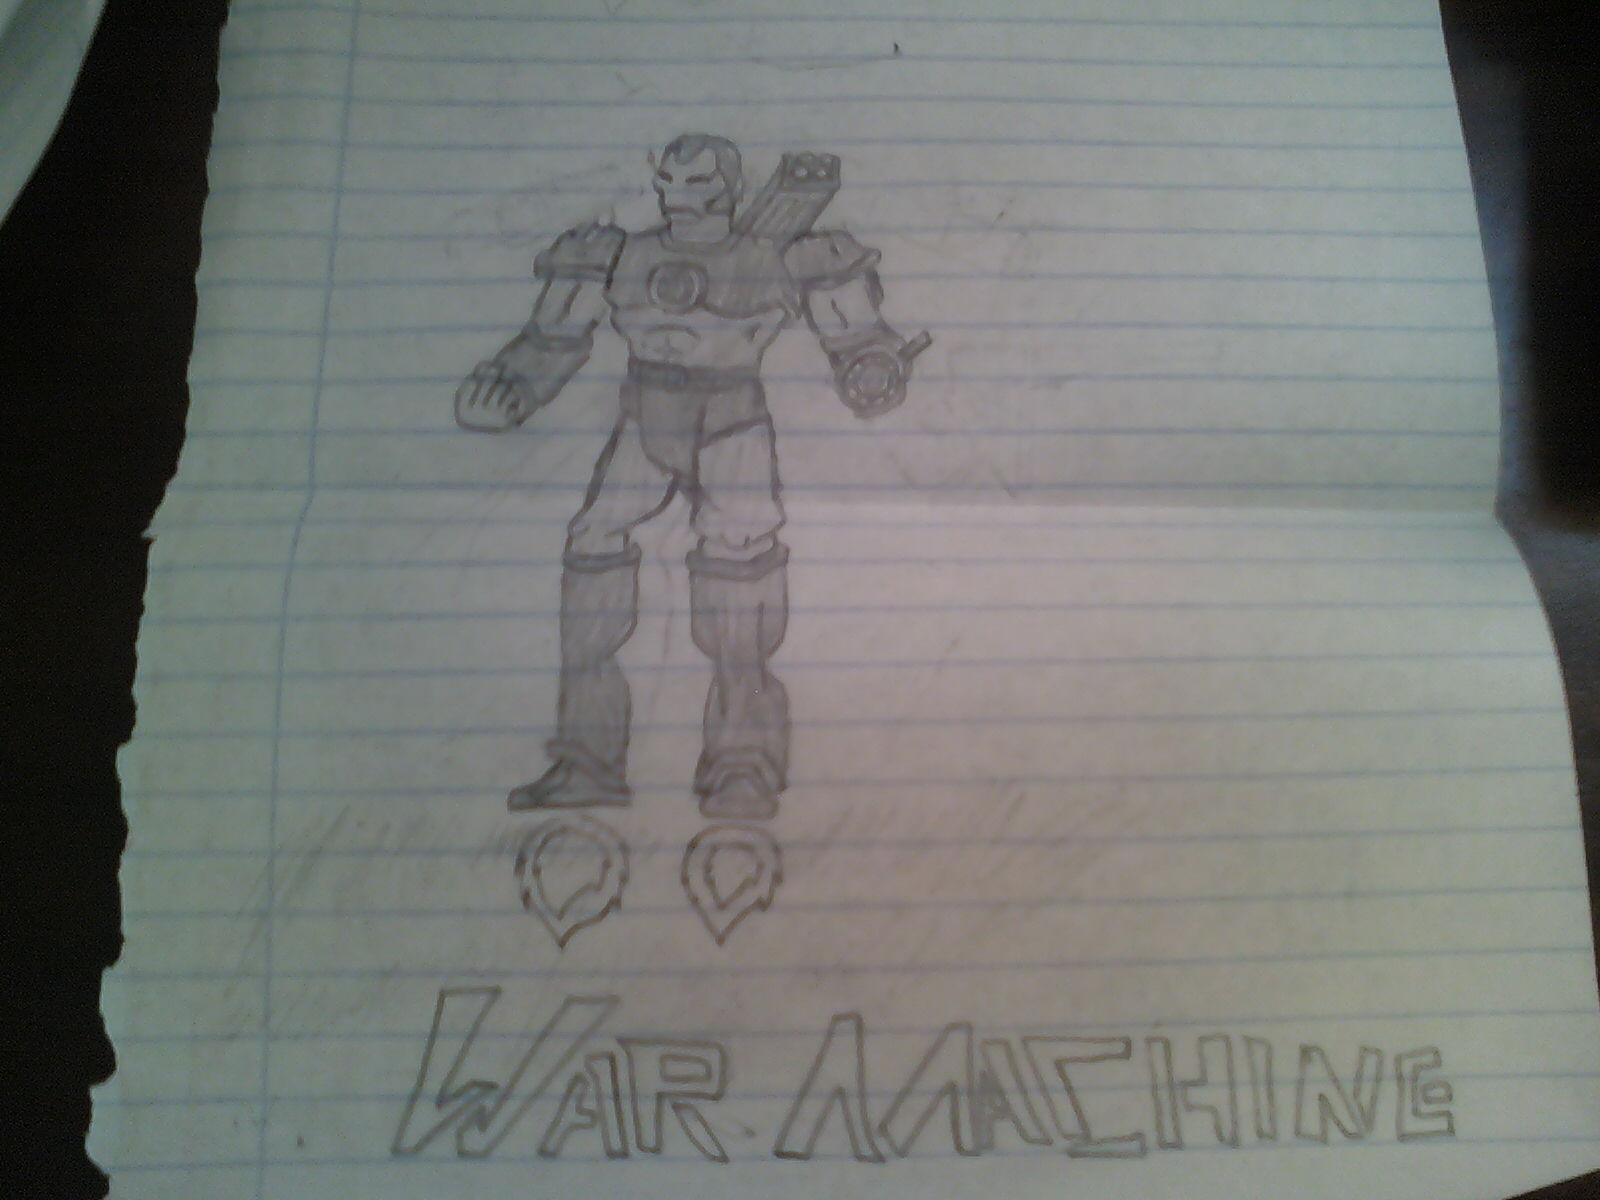 WAR MACHINE (new ver)